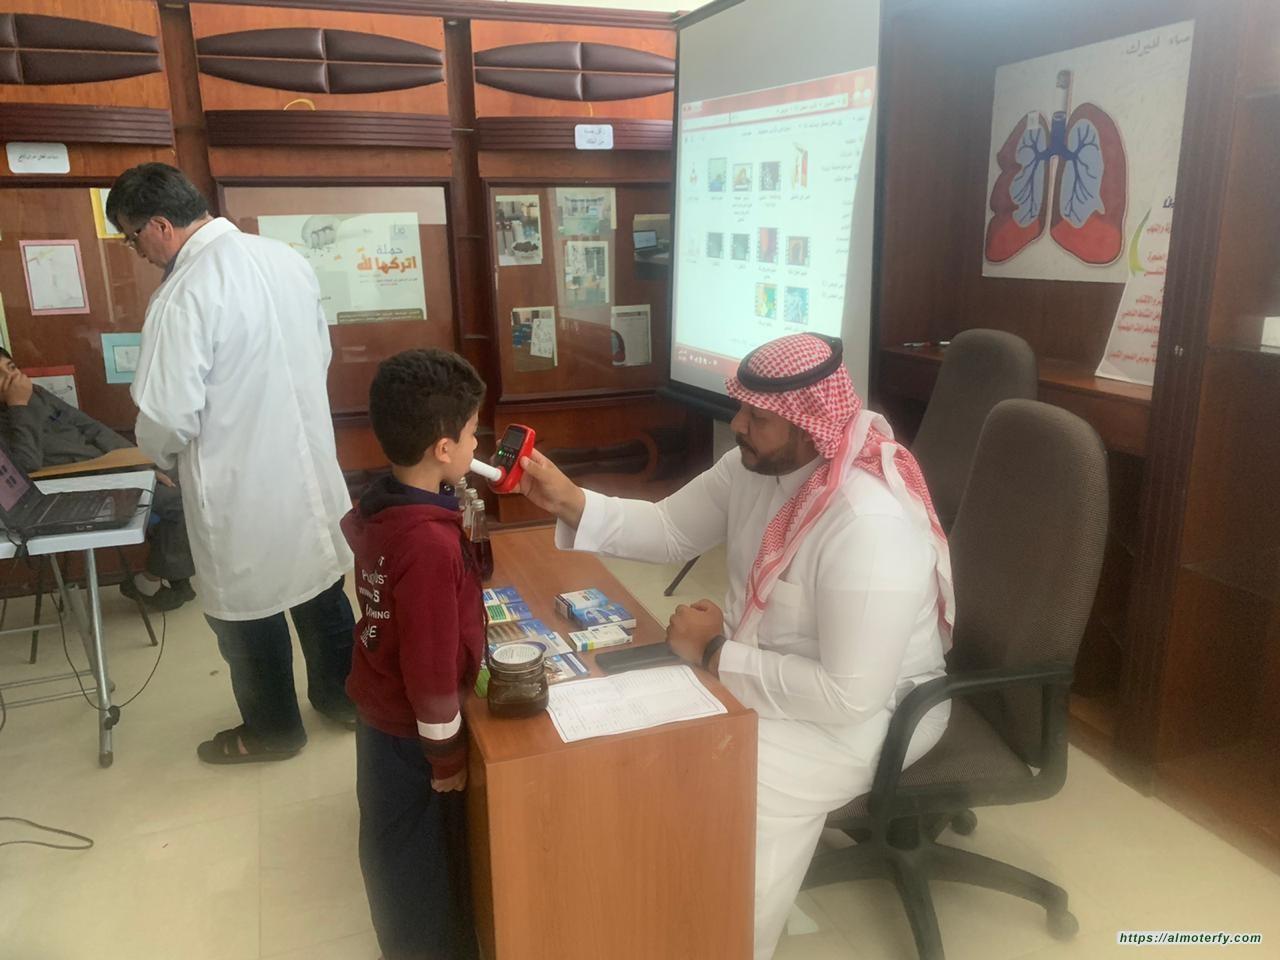 جمعية مكافحة التدخين الخيرية ( نقاء) تستضيف ابتدائيةابن الهيثم بالهفوف